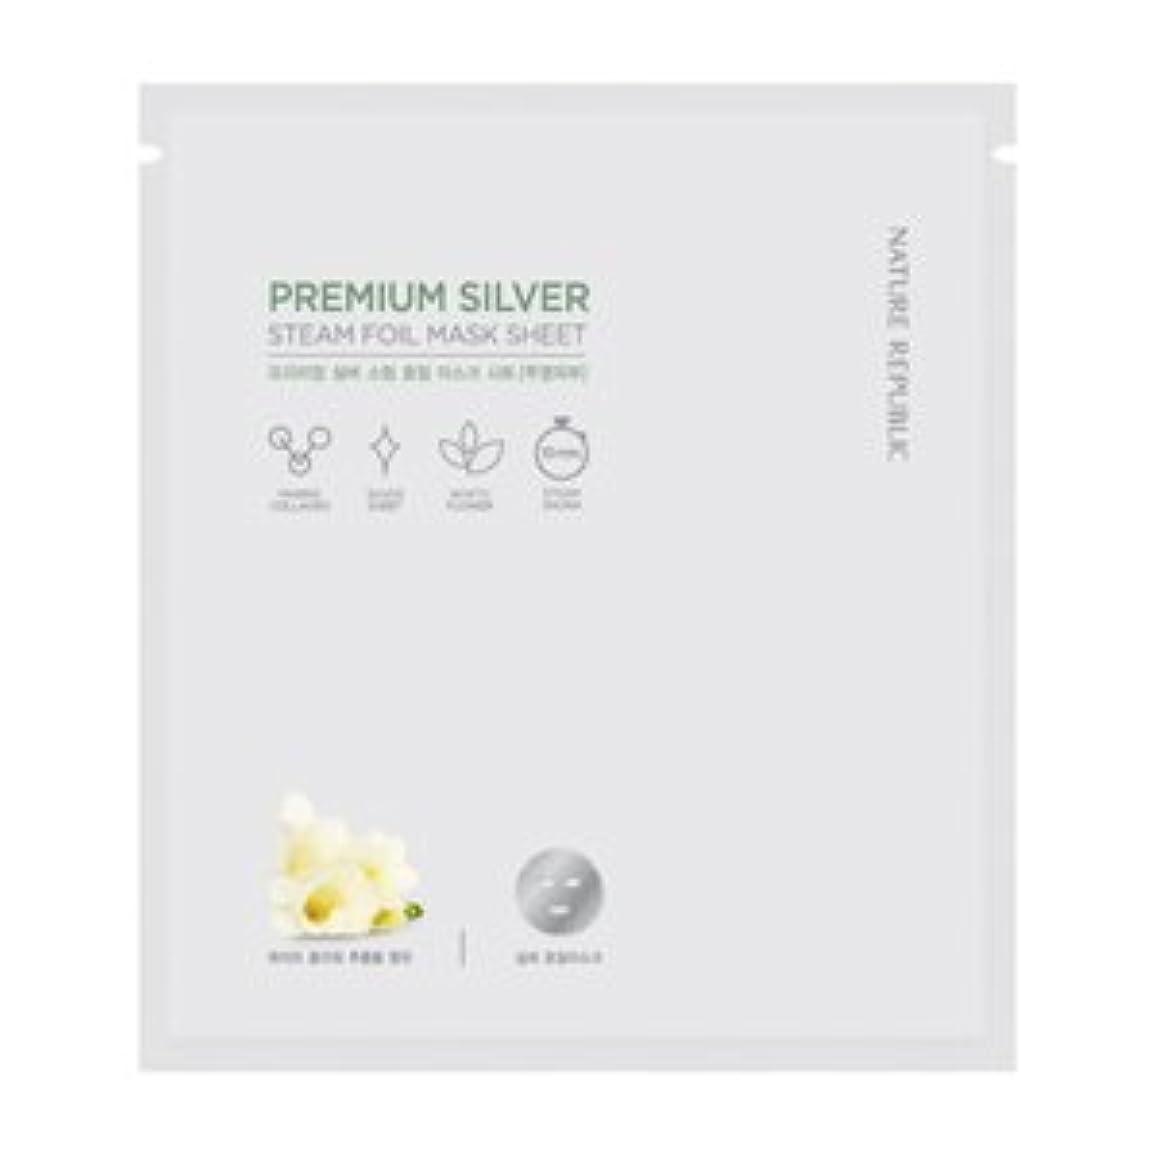 モードリンシャー冗談でNature Republic Premium silver Steam Foil Mask Sheet [5ea] ネーチャーリパブリック プレミアムシルバースチームホイルマスクシート [5枚] [並行輸入品]